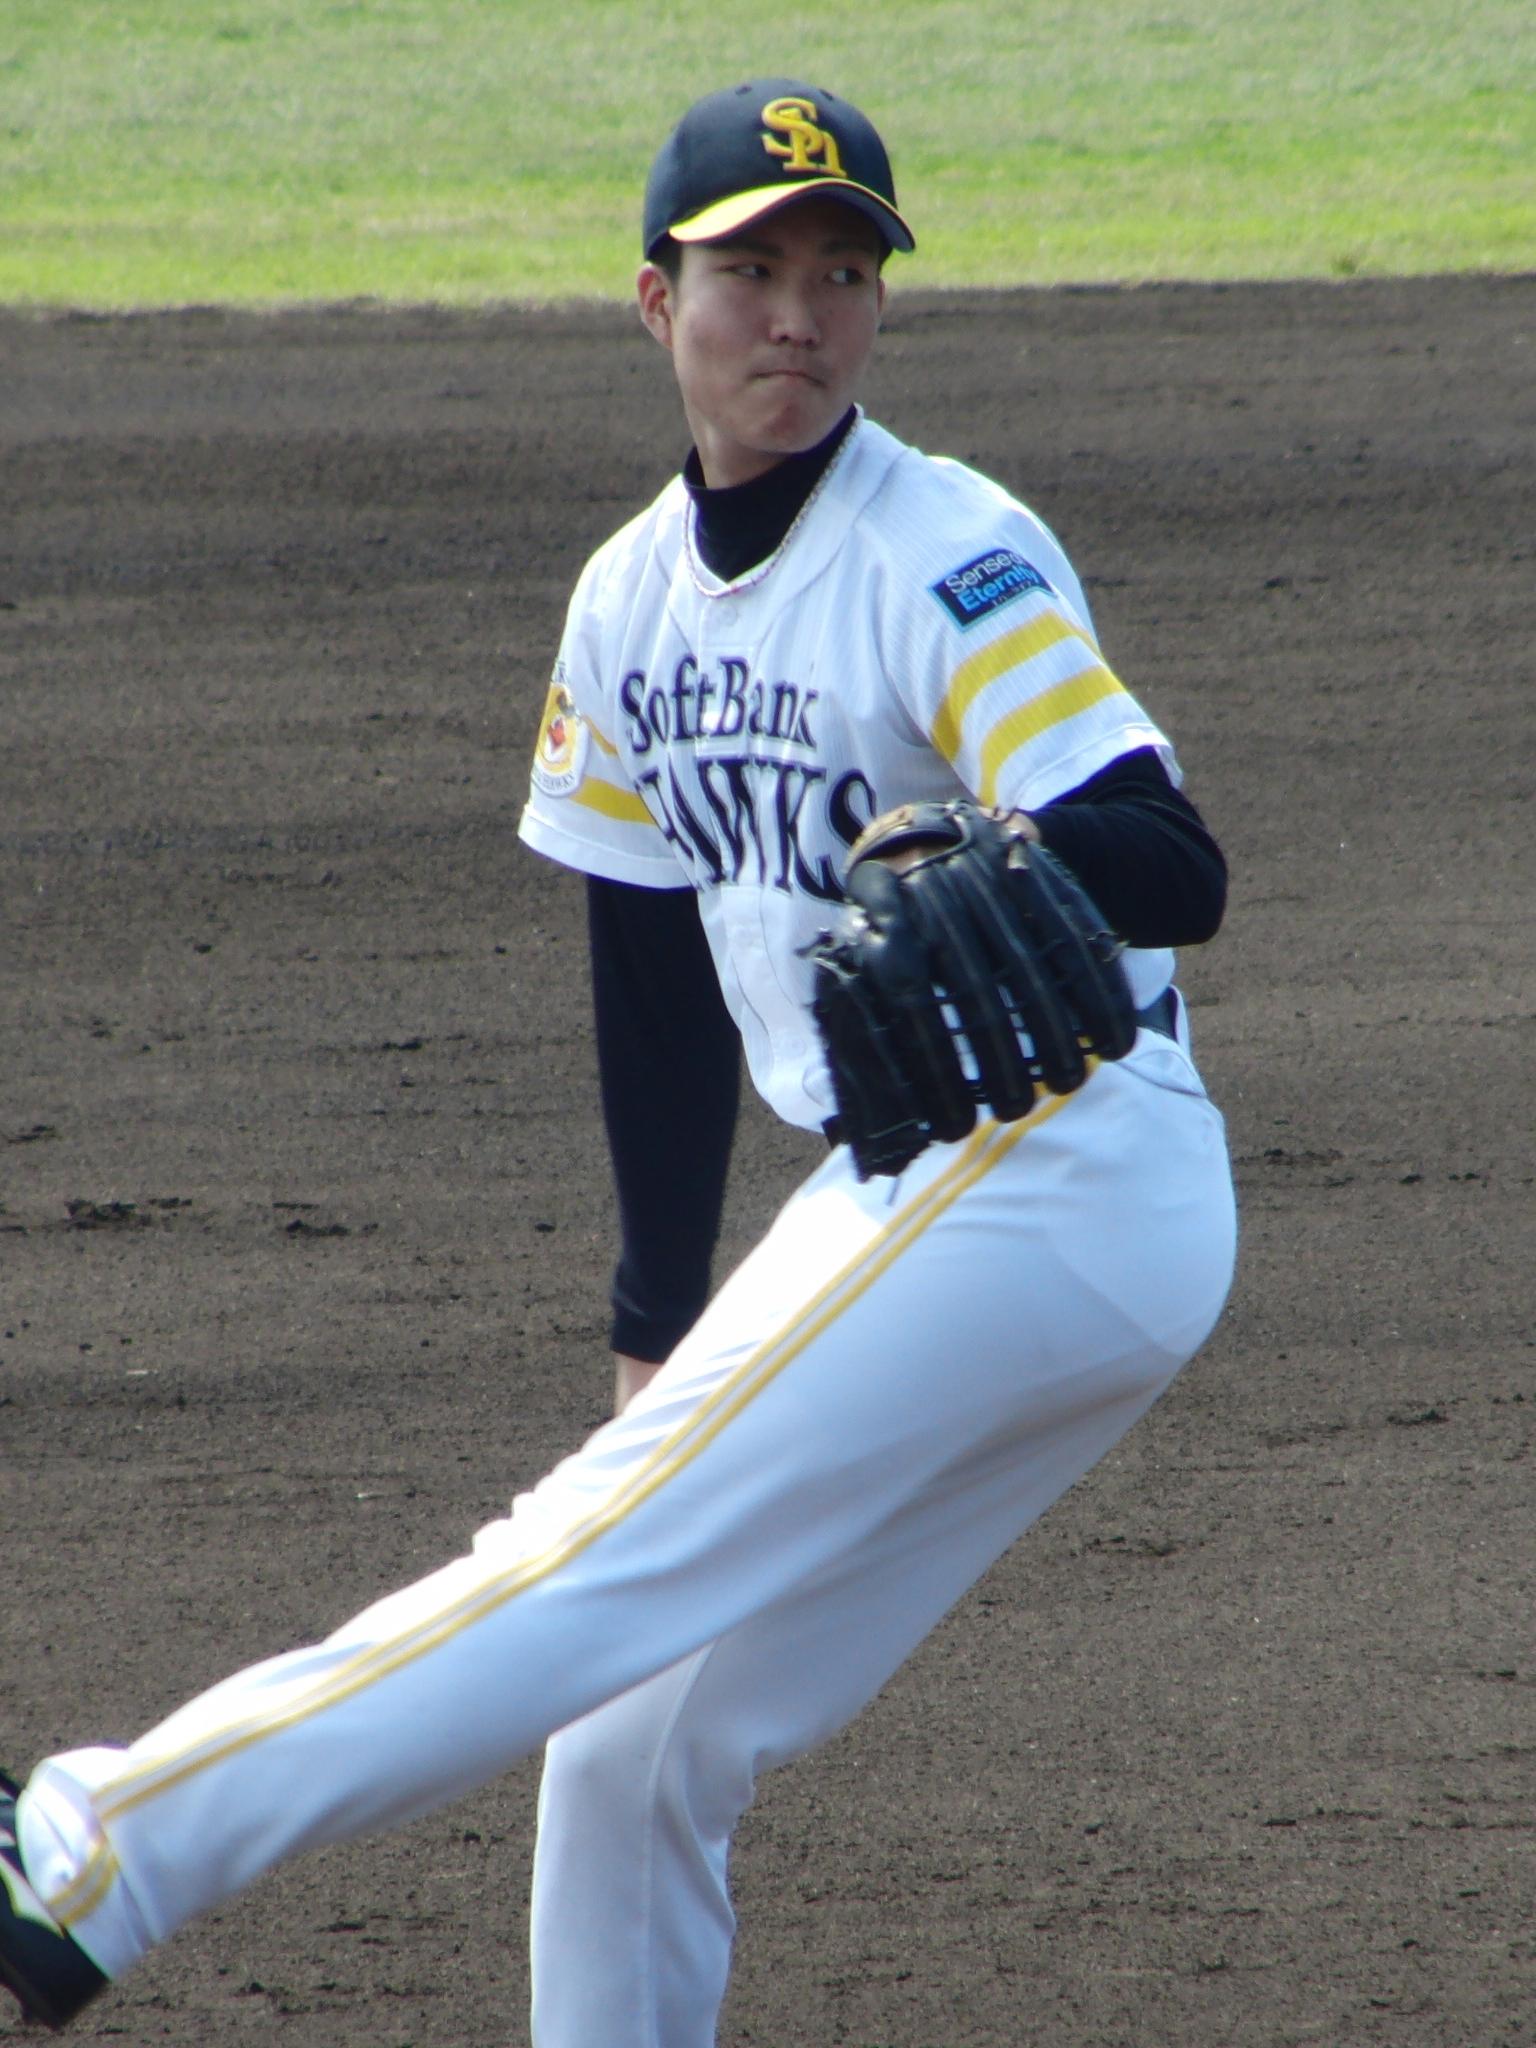 千賀滉大 - Wikipedia